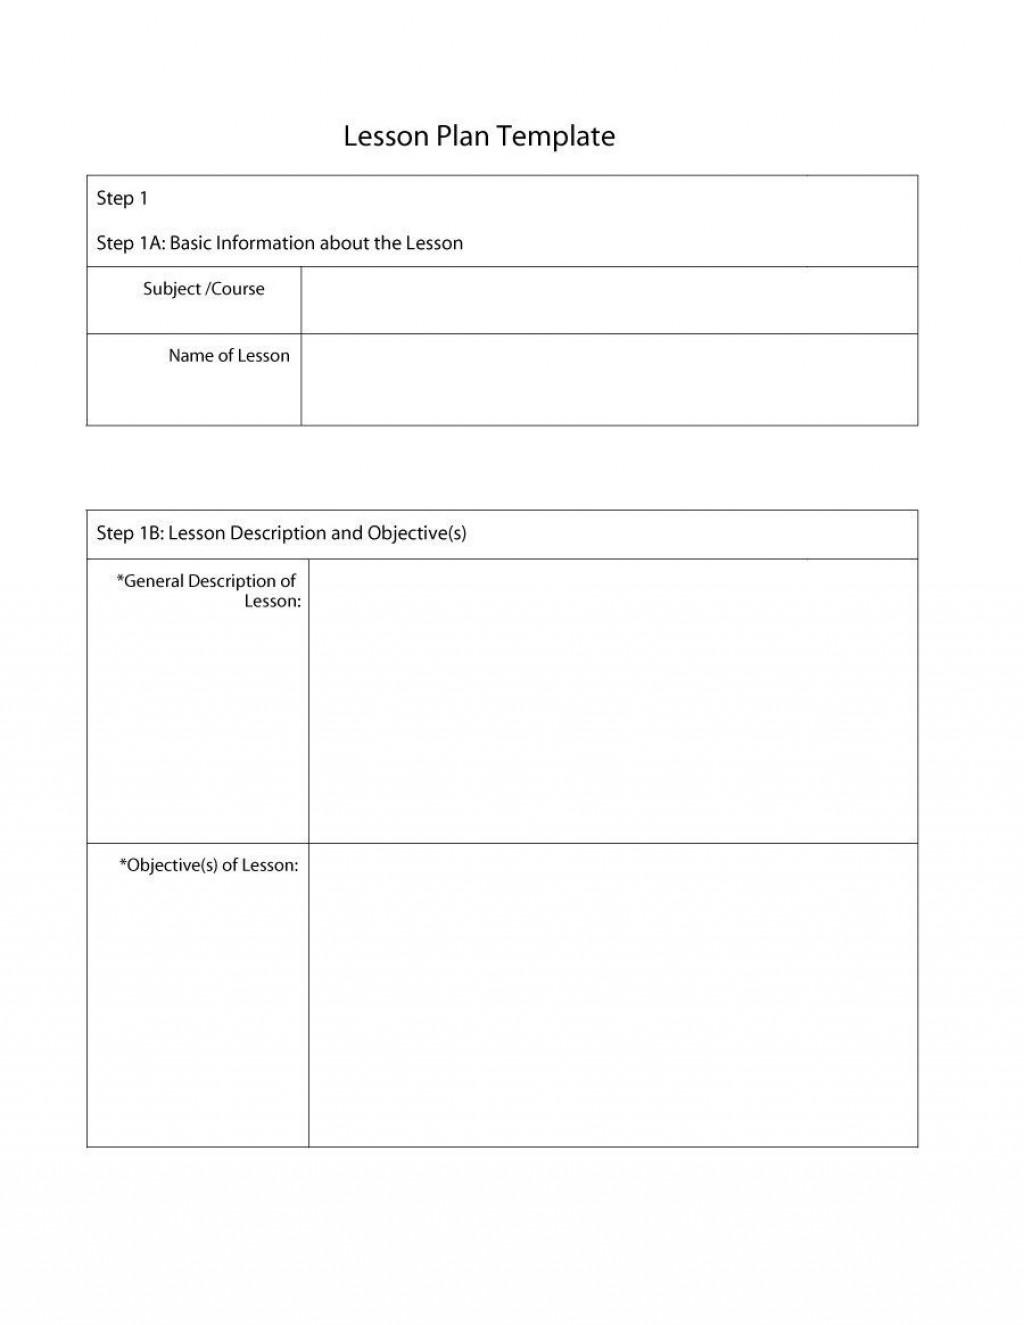 008 Shocking Nursing Teaching Plan Template Concept  Apa Format Sample Example HypertensionLarge